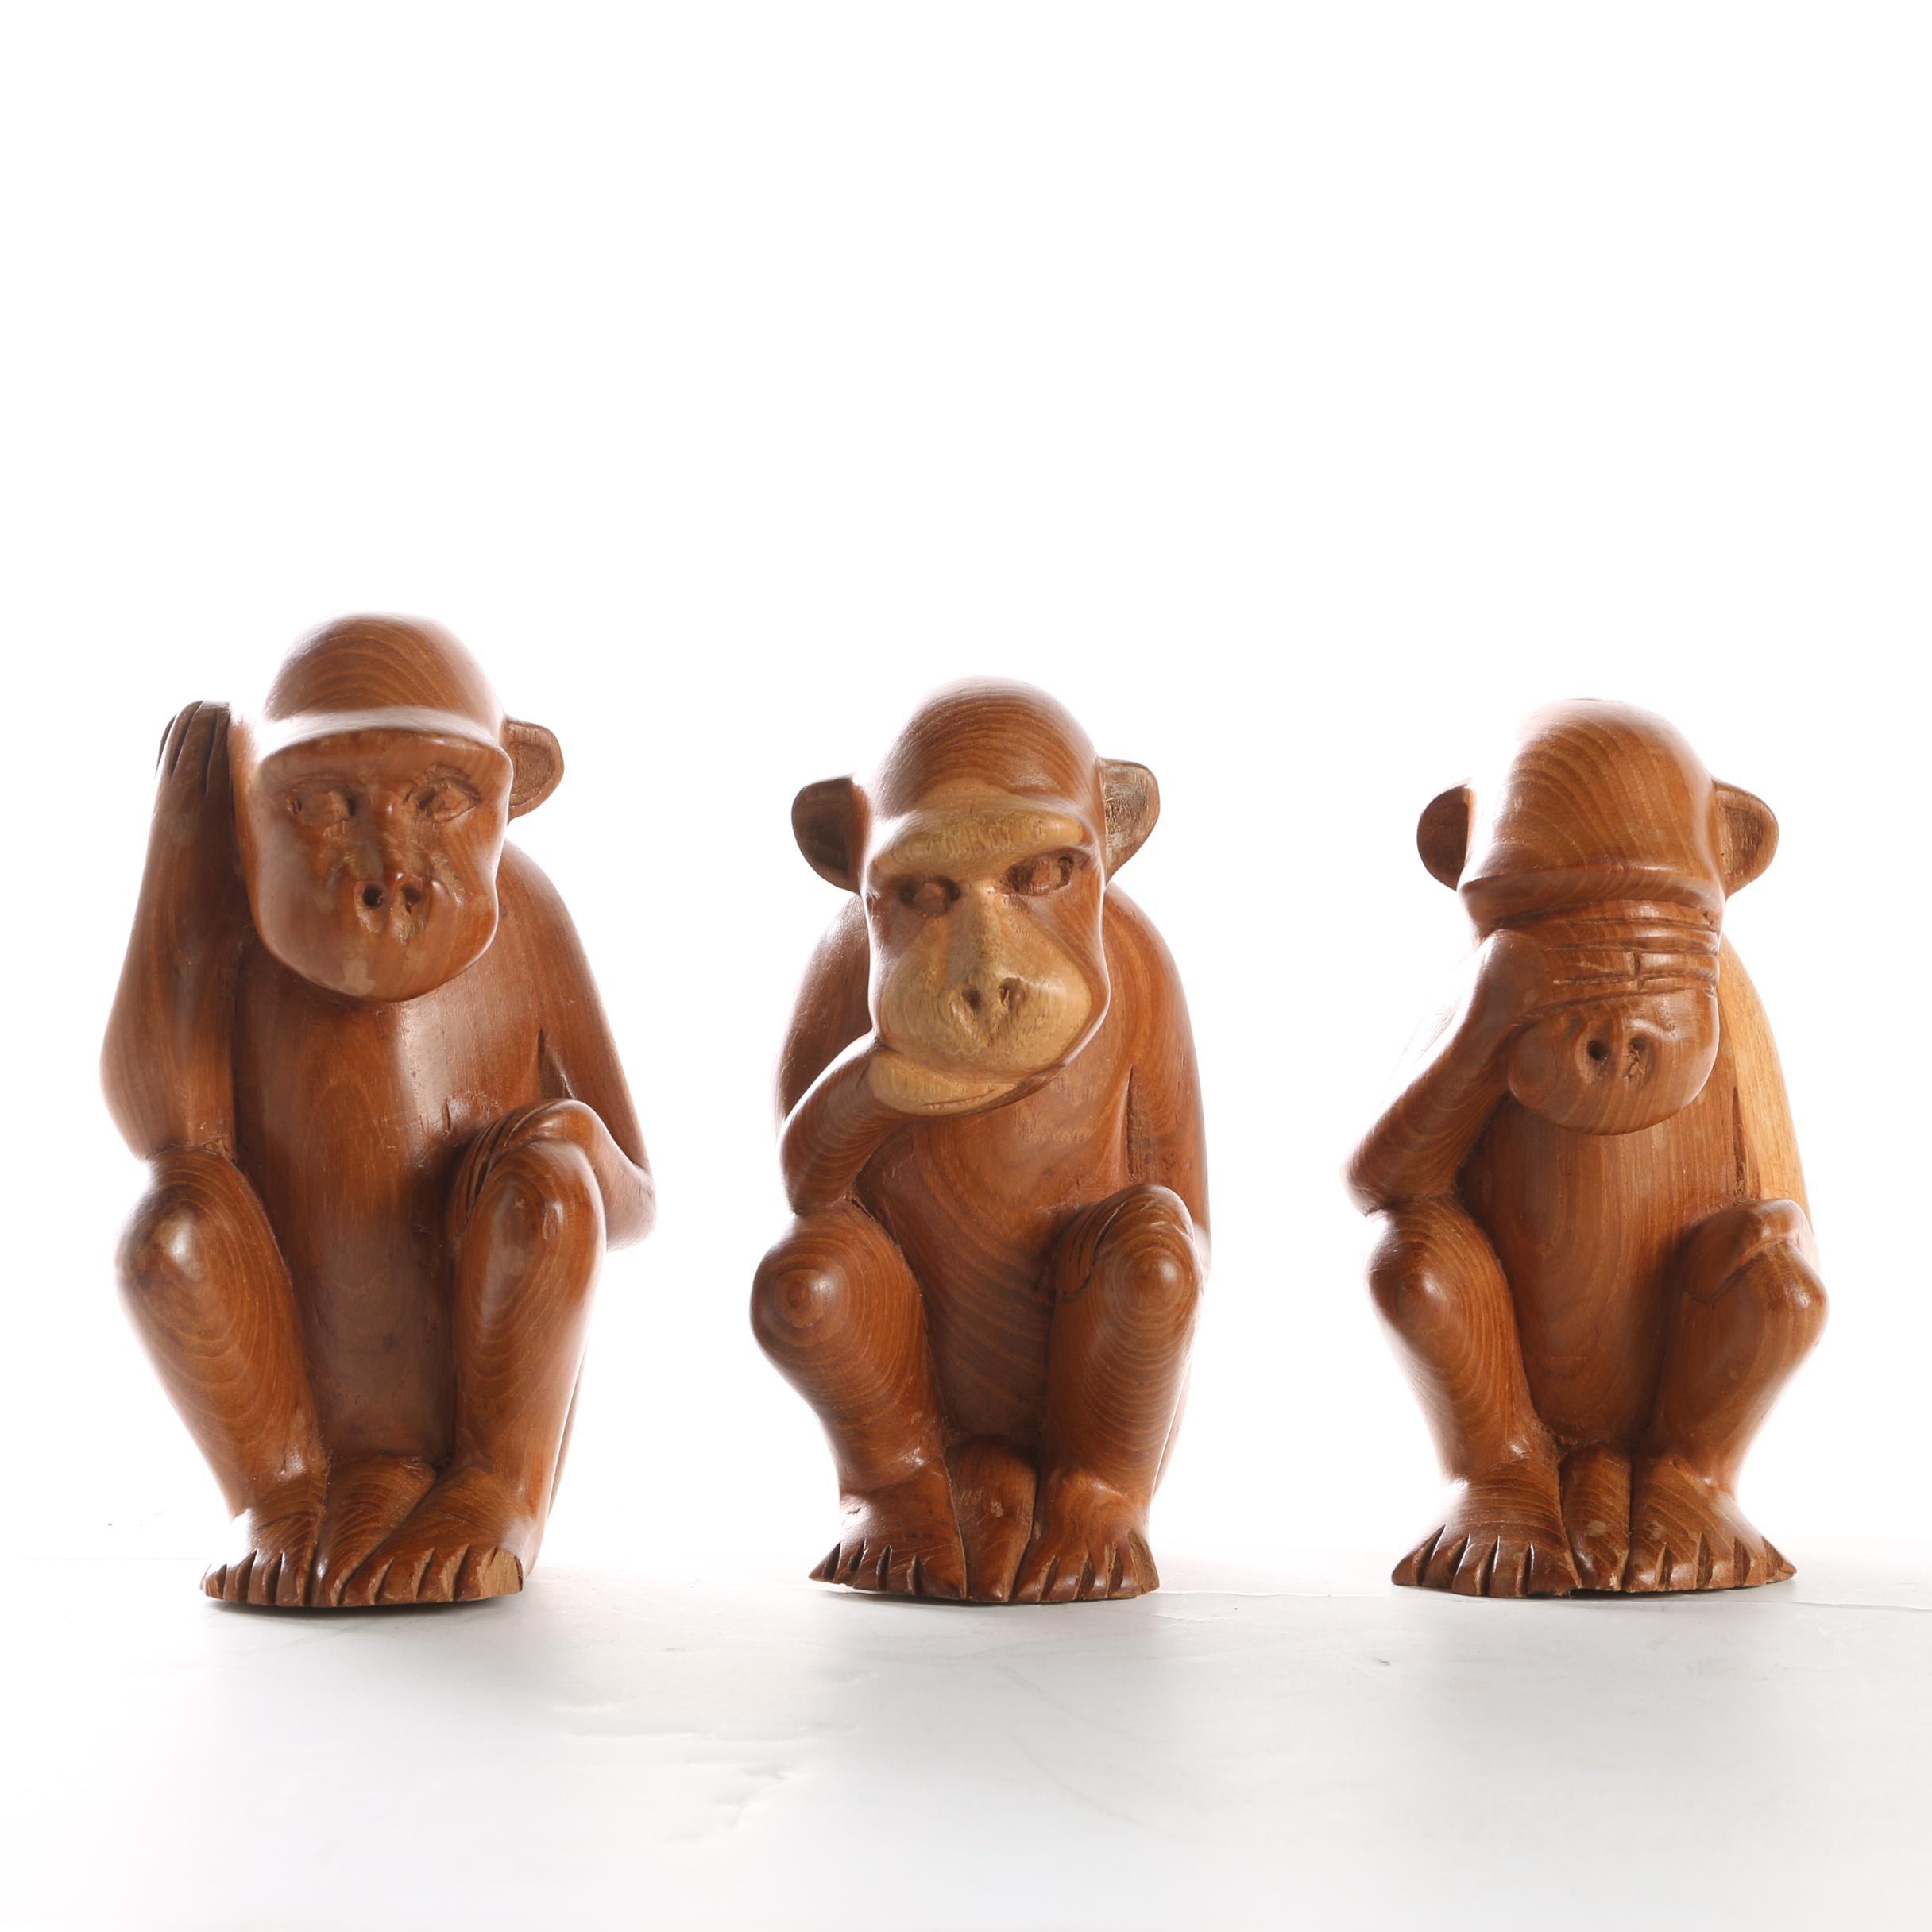 Carved Wooden Monkeys